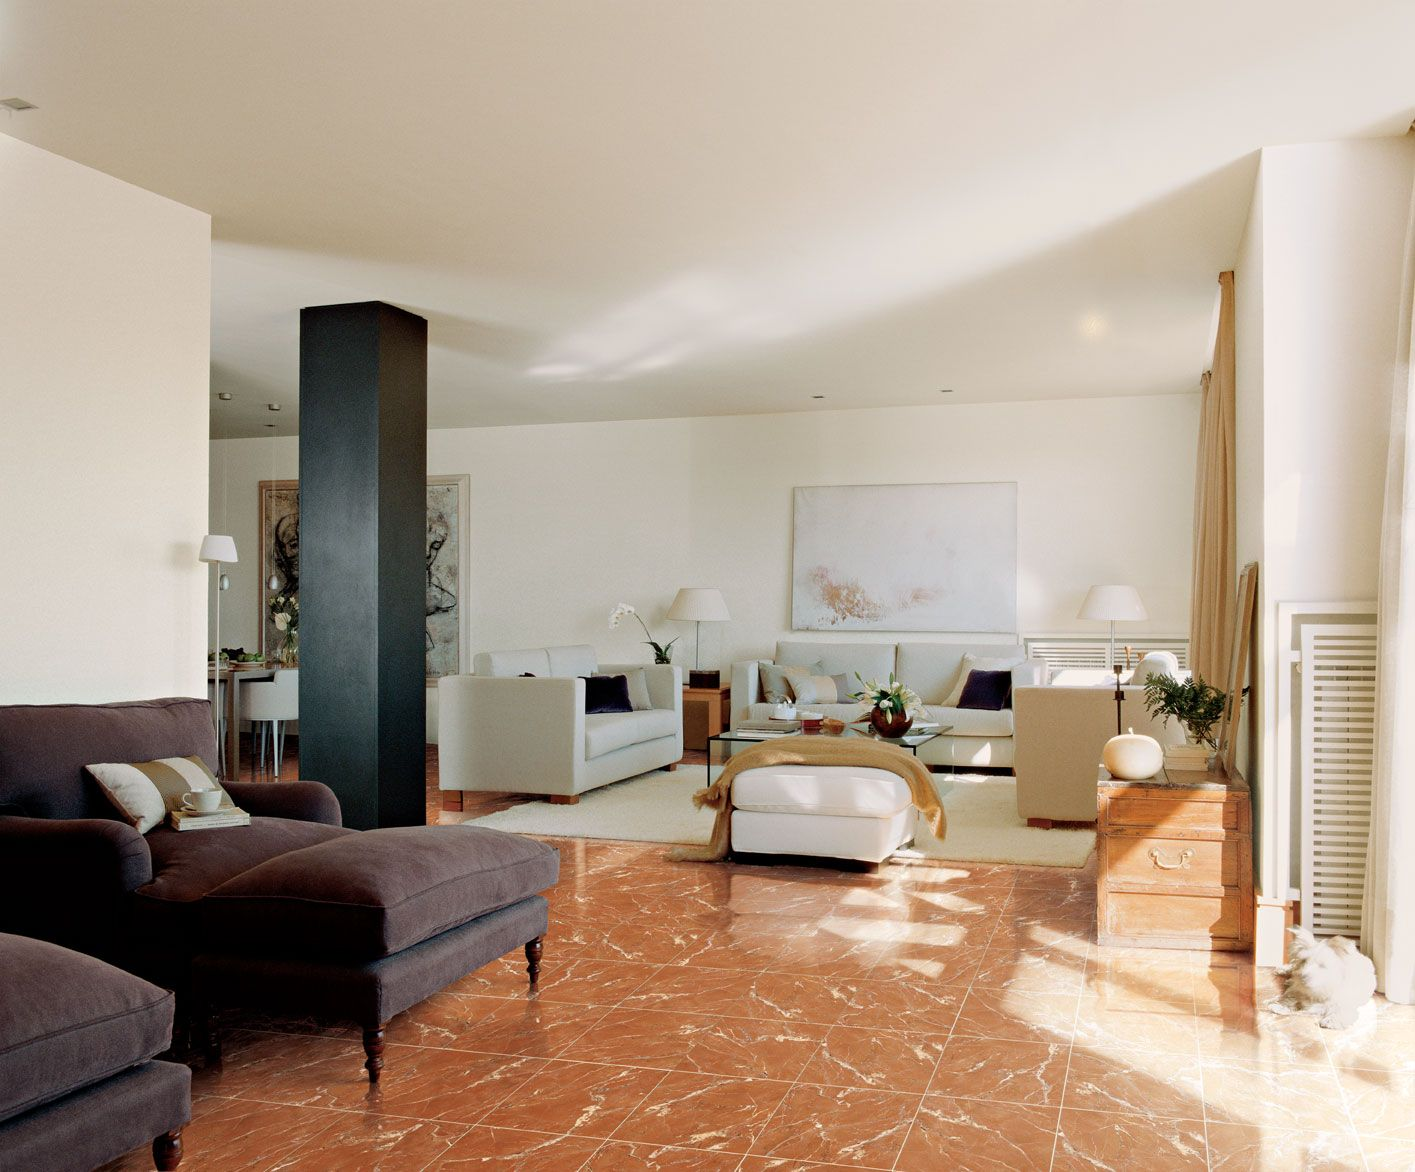 Sala con el suelo en m rmol rojo alicante decoraci n for Como desmanchar el marmol blanco